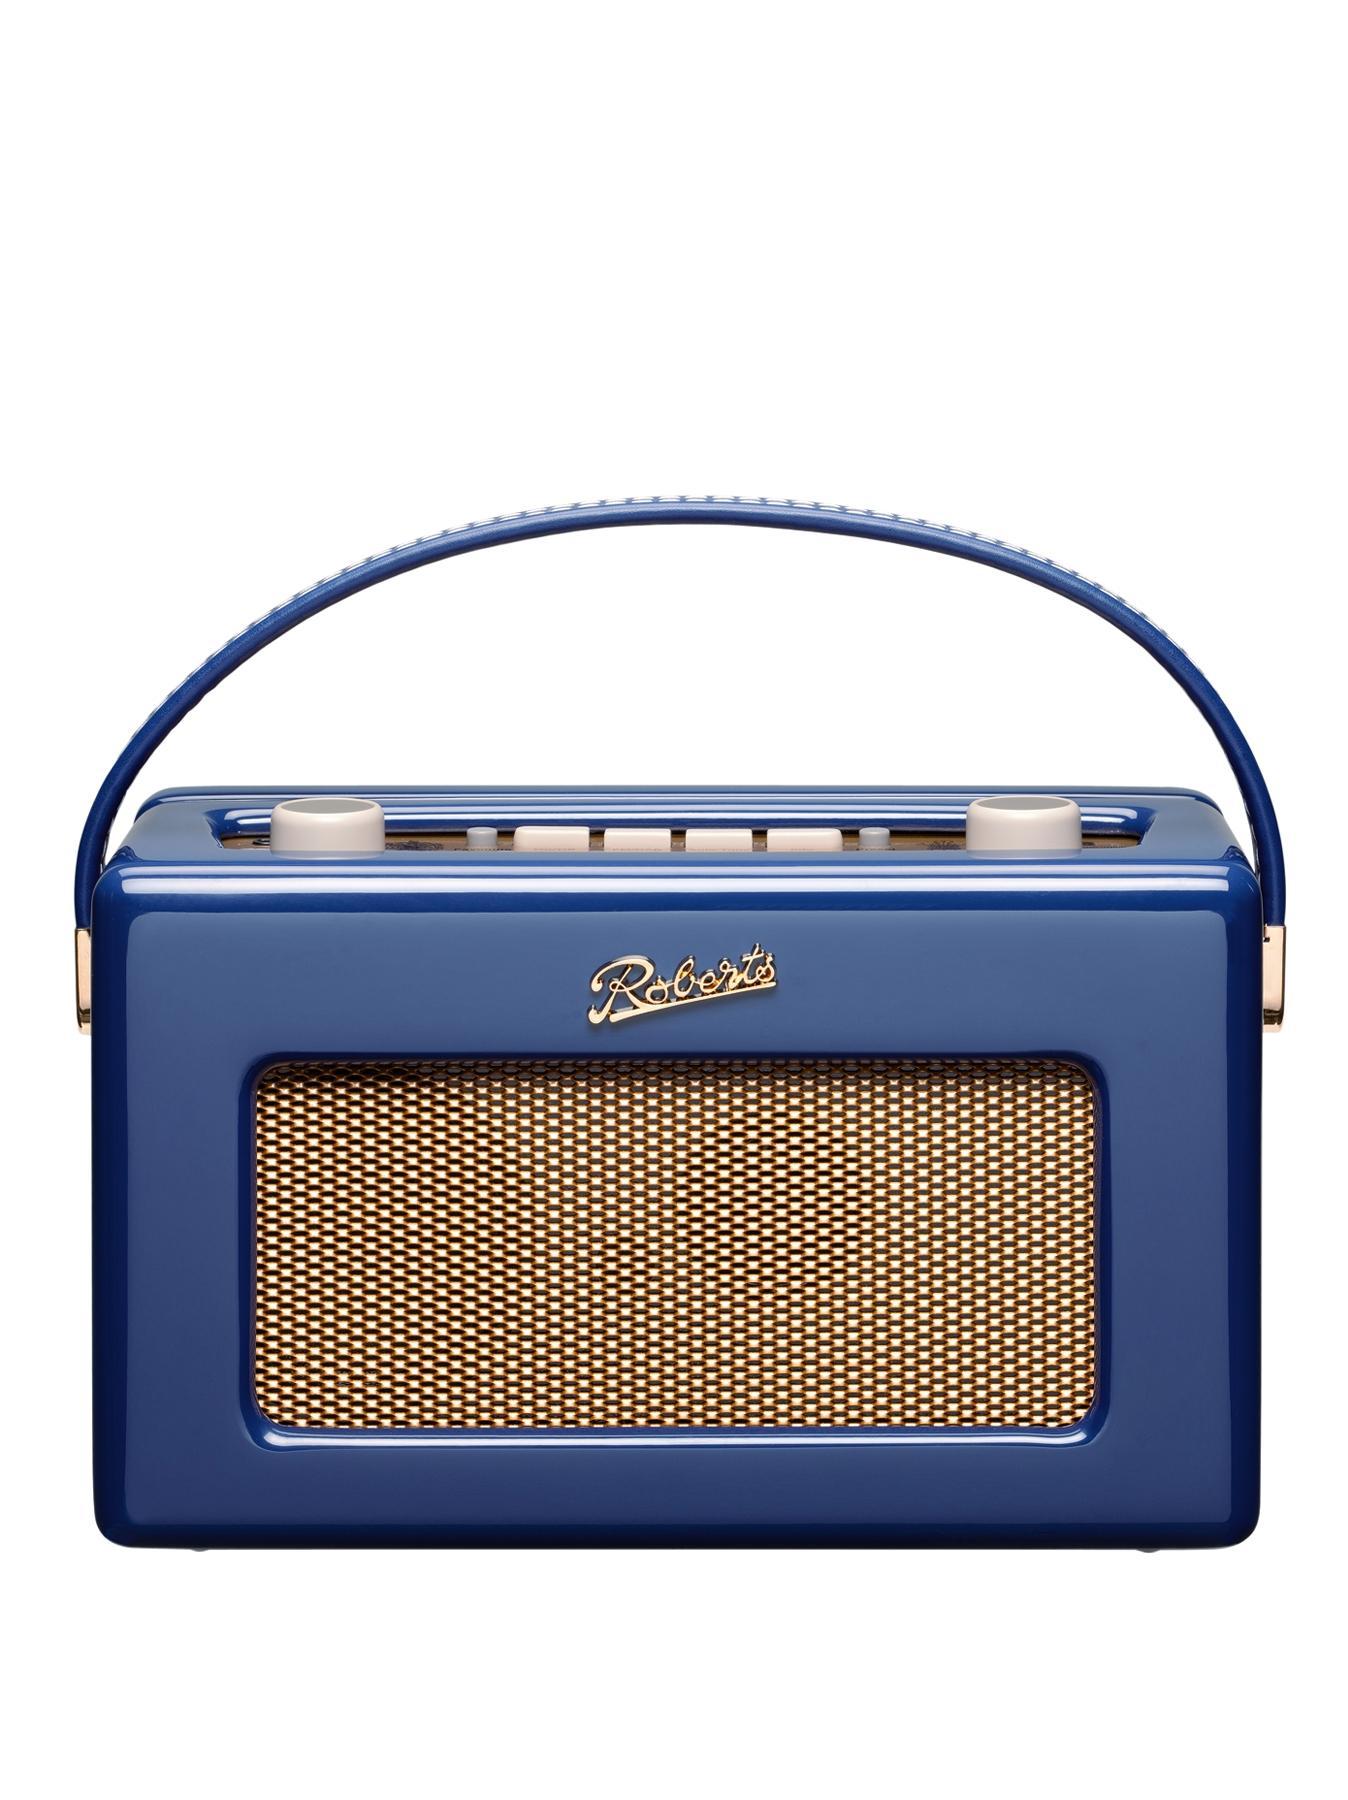 Roberts DAB Revival Gloss Radio - Blue